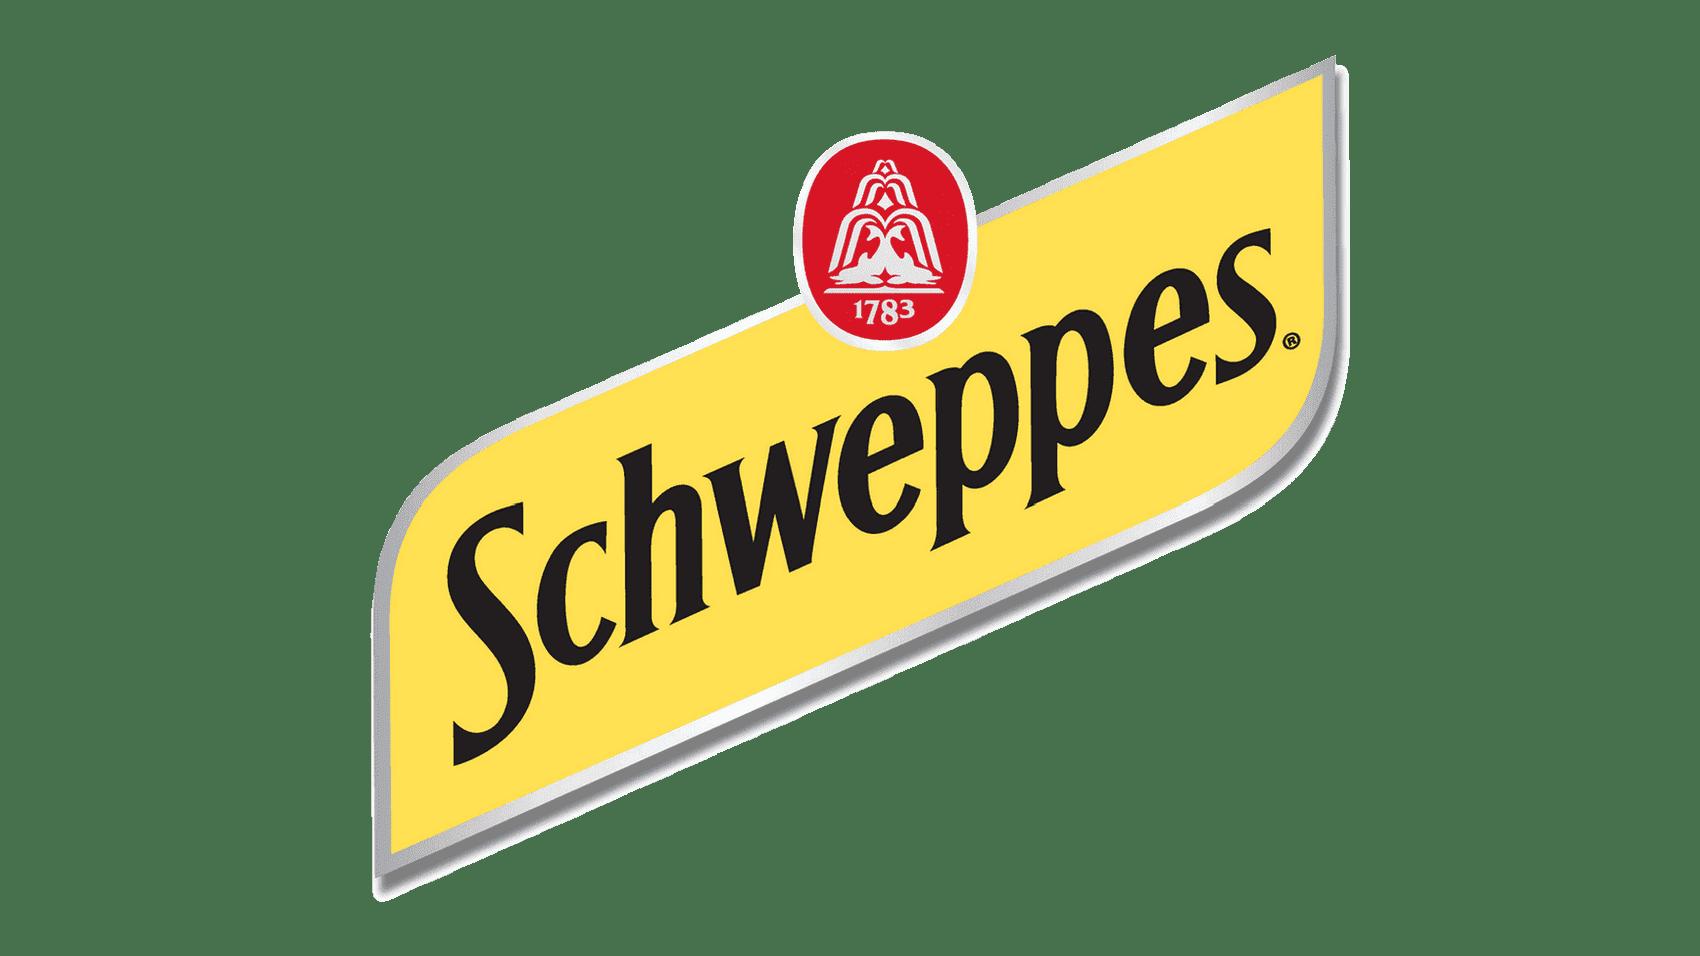 https://www.ingeser.es/wp-content/uploads/2021/03/Schweppes-logo.png